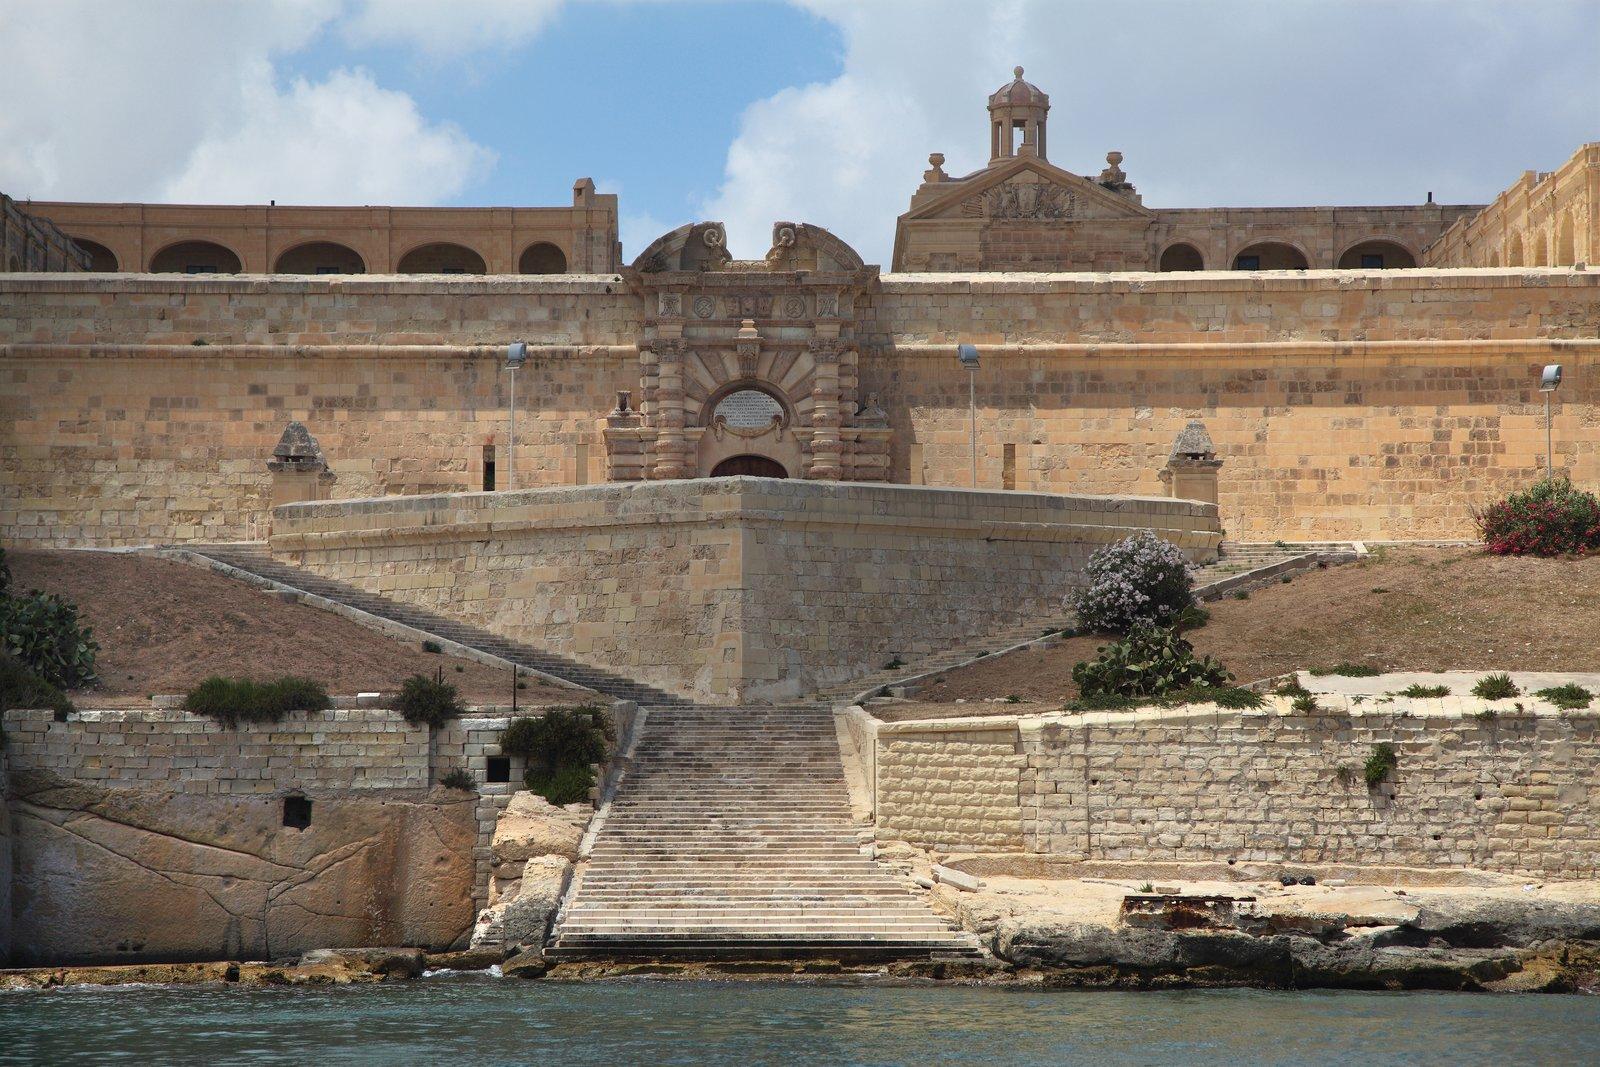 Fort Manoel, Malta (The Great Sept of Baelor)